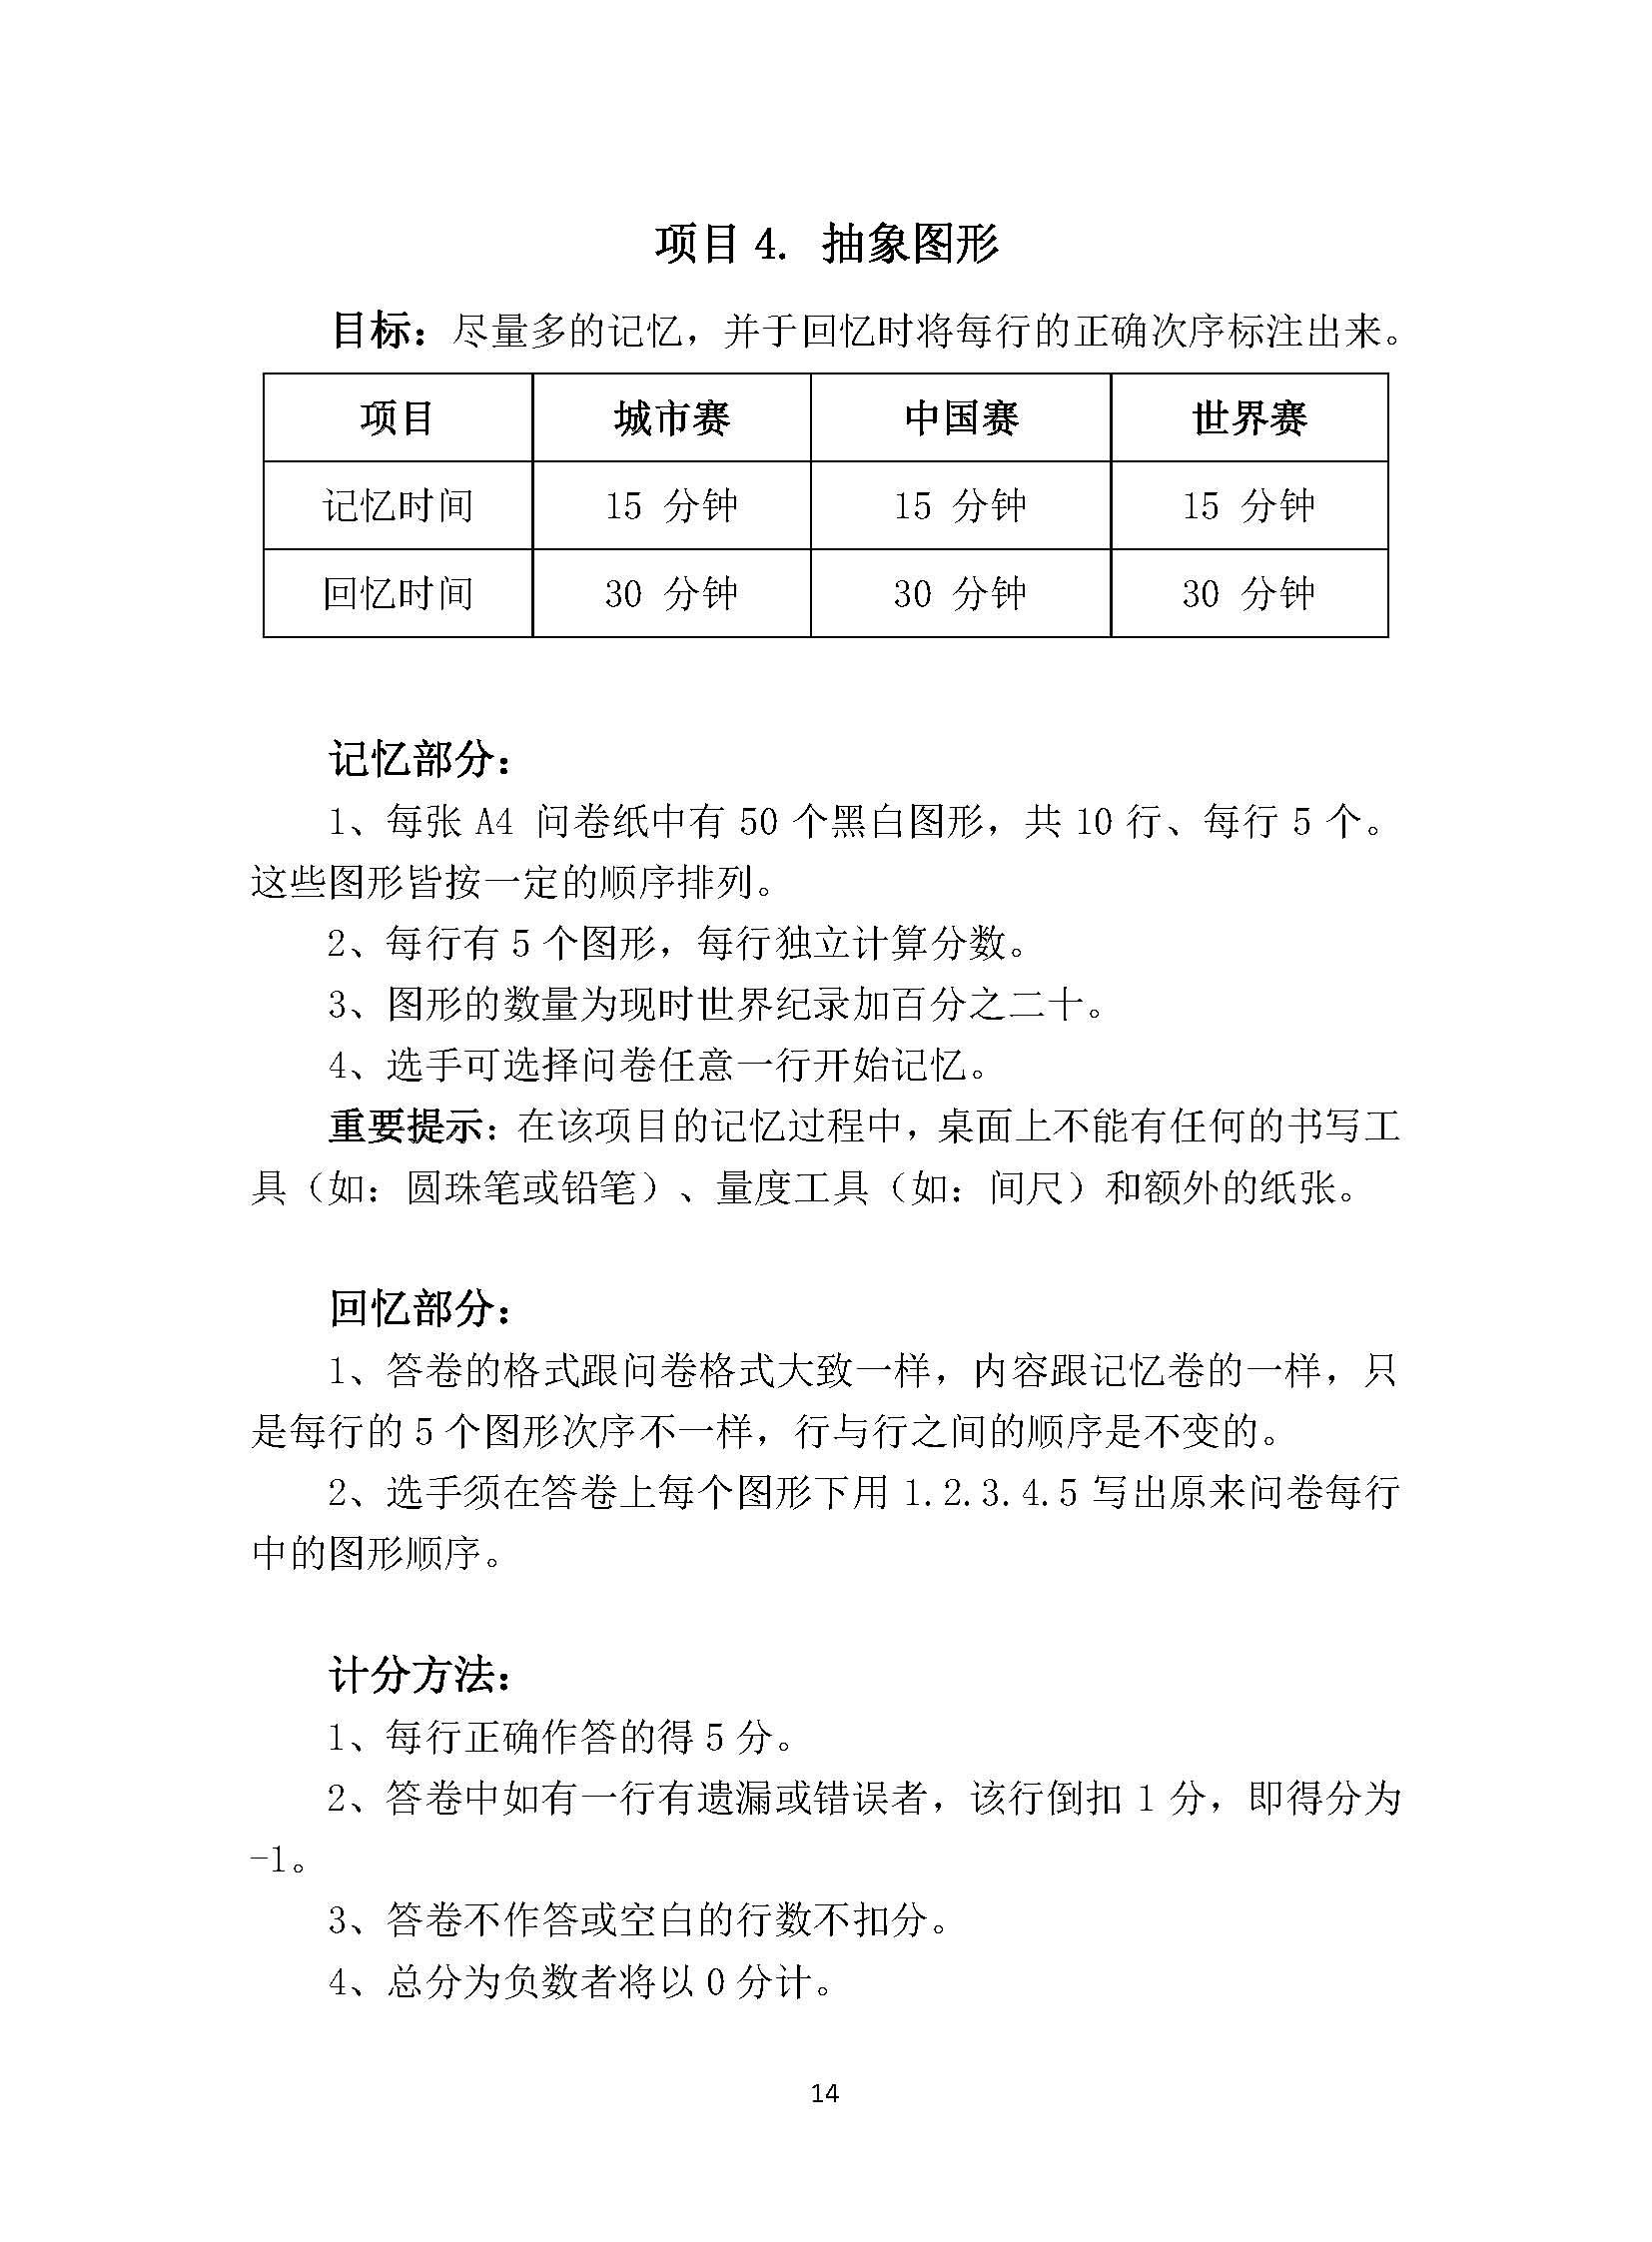 2019WMC选手训练手册-十大项目规则_页面_14